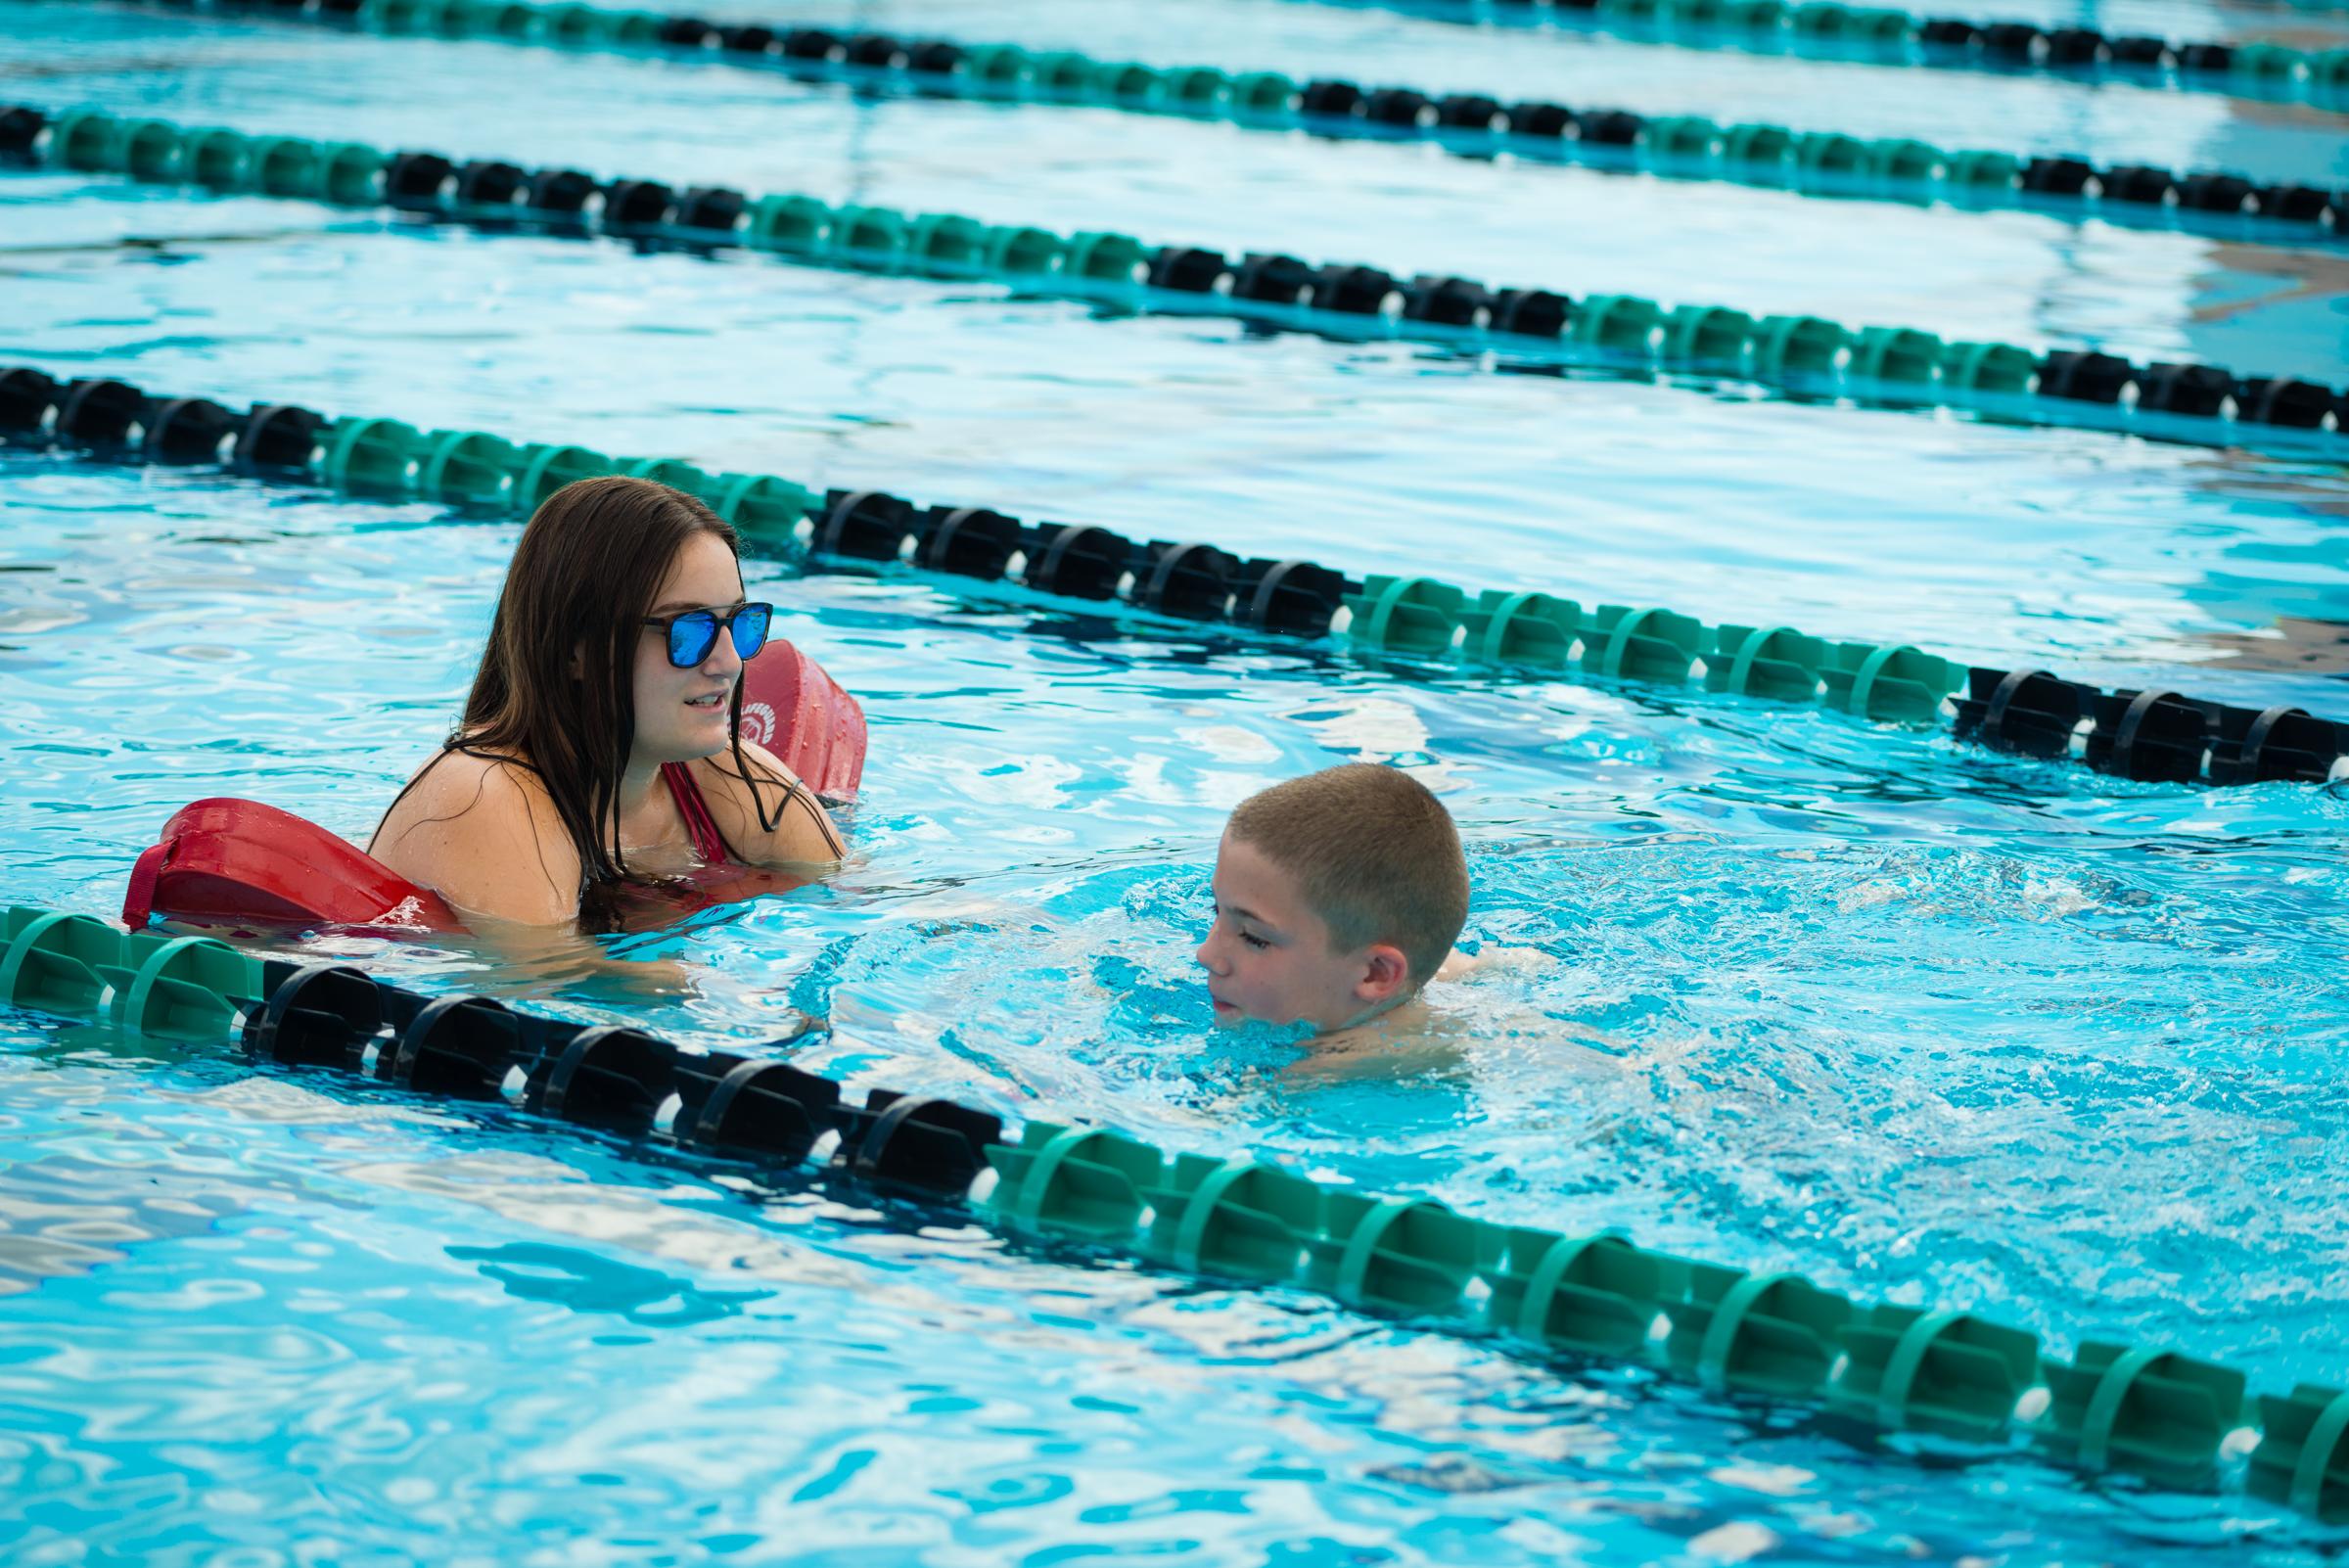 life guard in pool